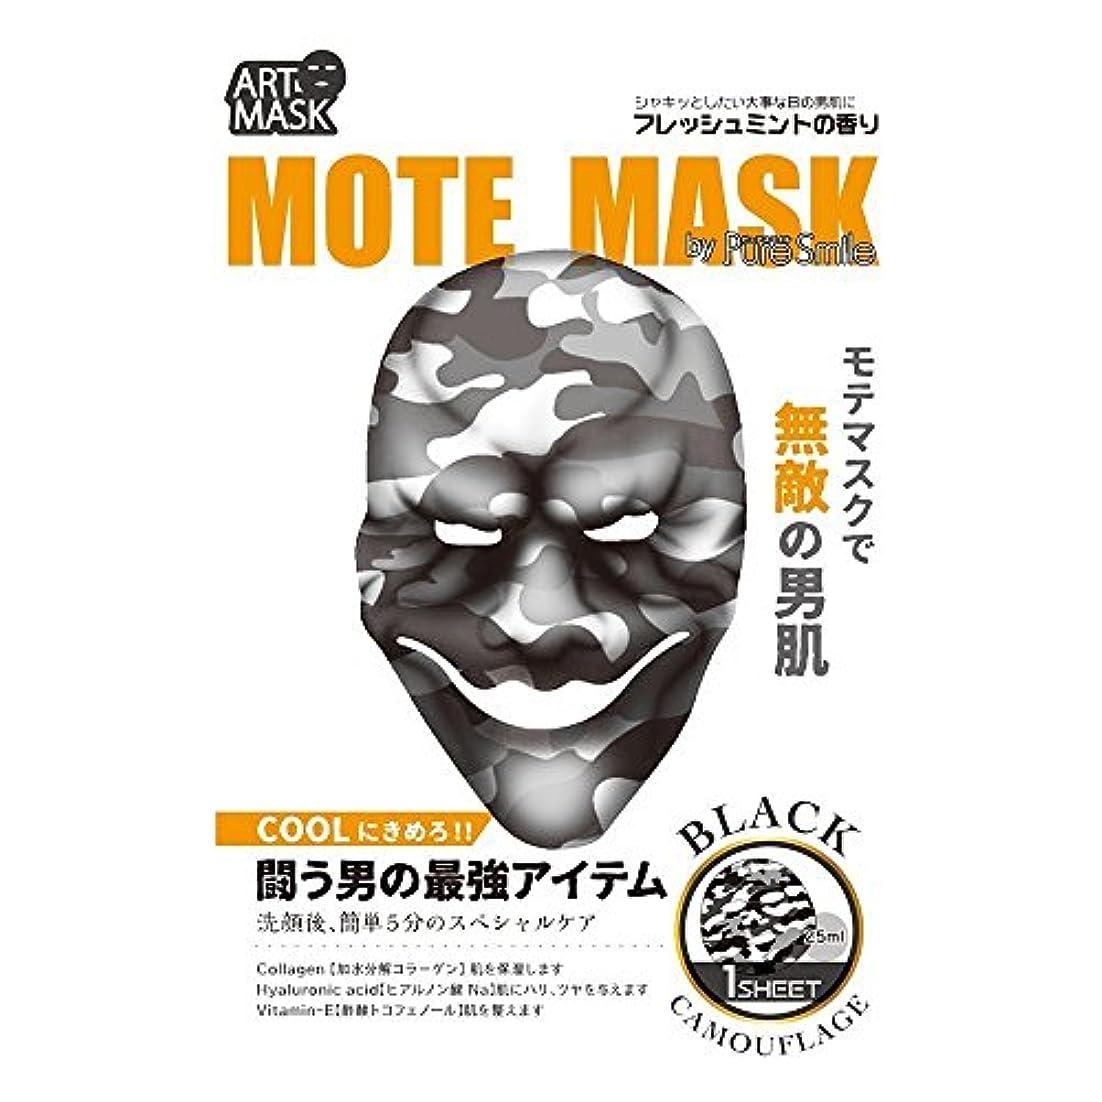 ピュアスマイル モテマスク グリーンカモフラージュ MA01 【ワイルド】